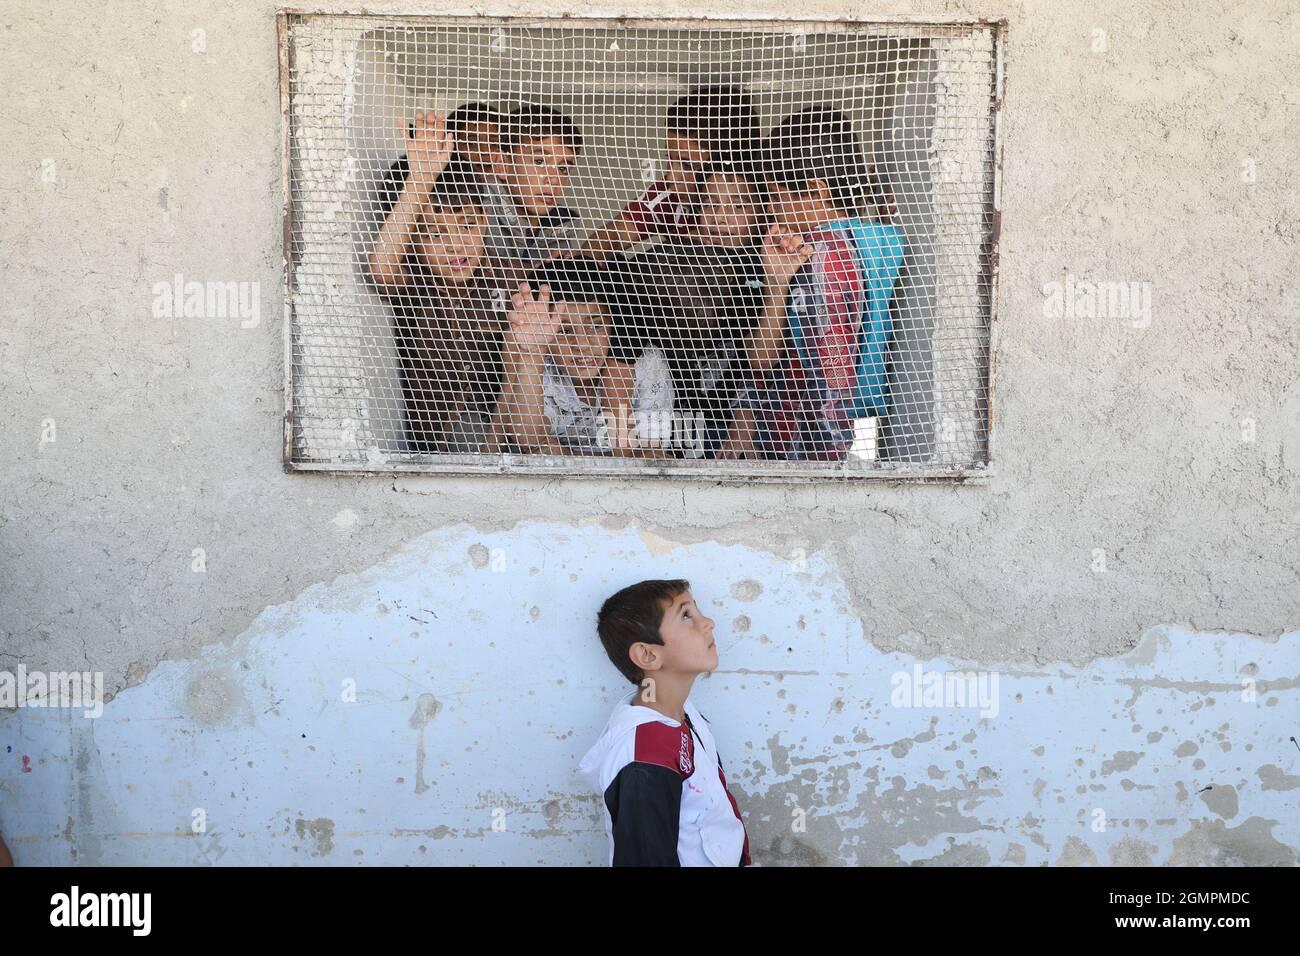 AFE, Siria. 20 Settembre 2021. Gli studenti iniziano il lavoro scolastico nella scuola comunale AFE all'inizio dell'anno scolastico nel Governatorato Idlib, nonostante le cattive condizioni dovute a un raid aereo che ha colpito e parzialmente distrutto la scuola nel 2019. Credit: ANAS Alkharboutli/dpa/Alamy Live News Foto Stock